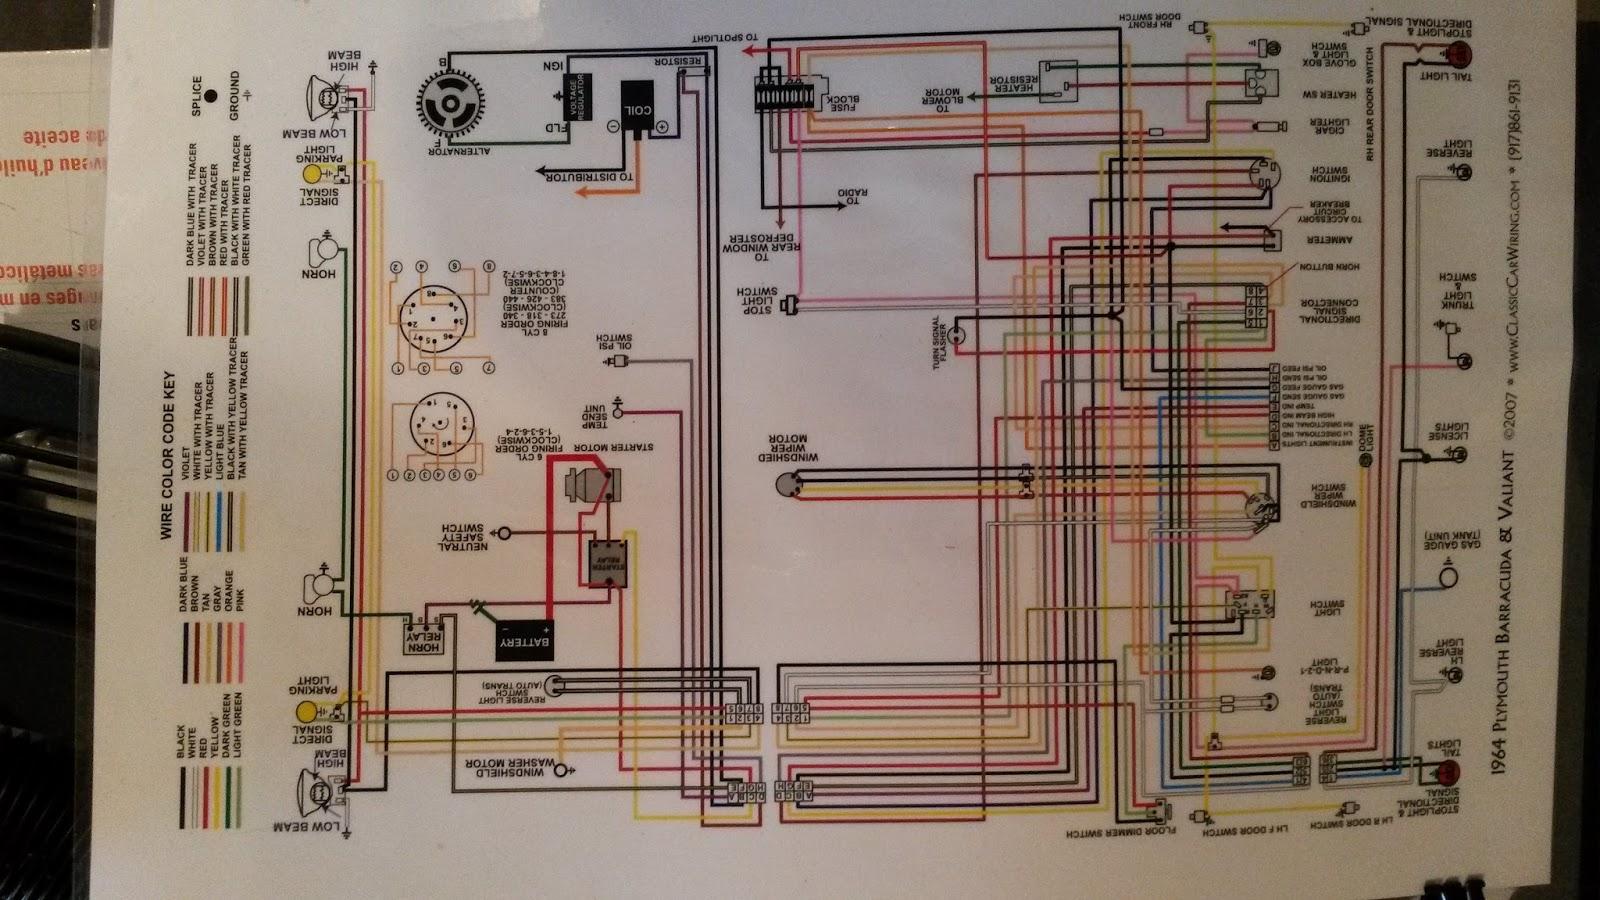 medium resolution of 1967 barracuda wiring diagram wiring diagram gpwrg 7489 wiring diagram 1967 belvedere 1967 barracuda wiring